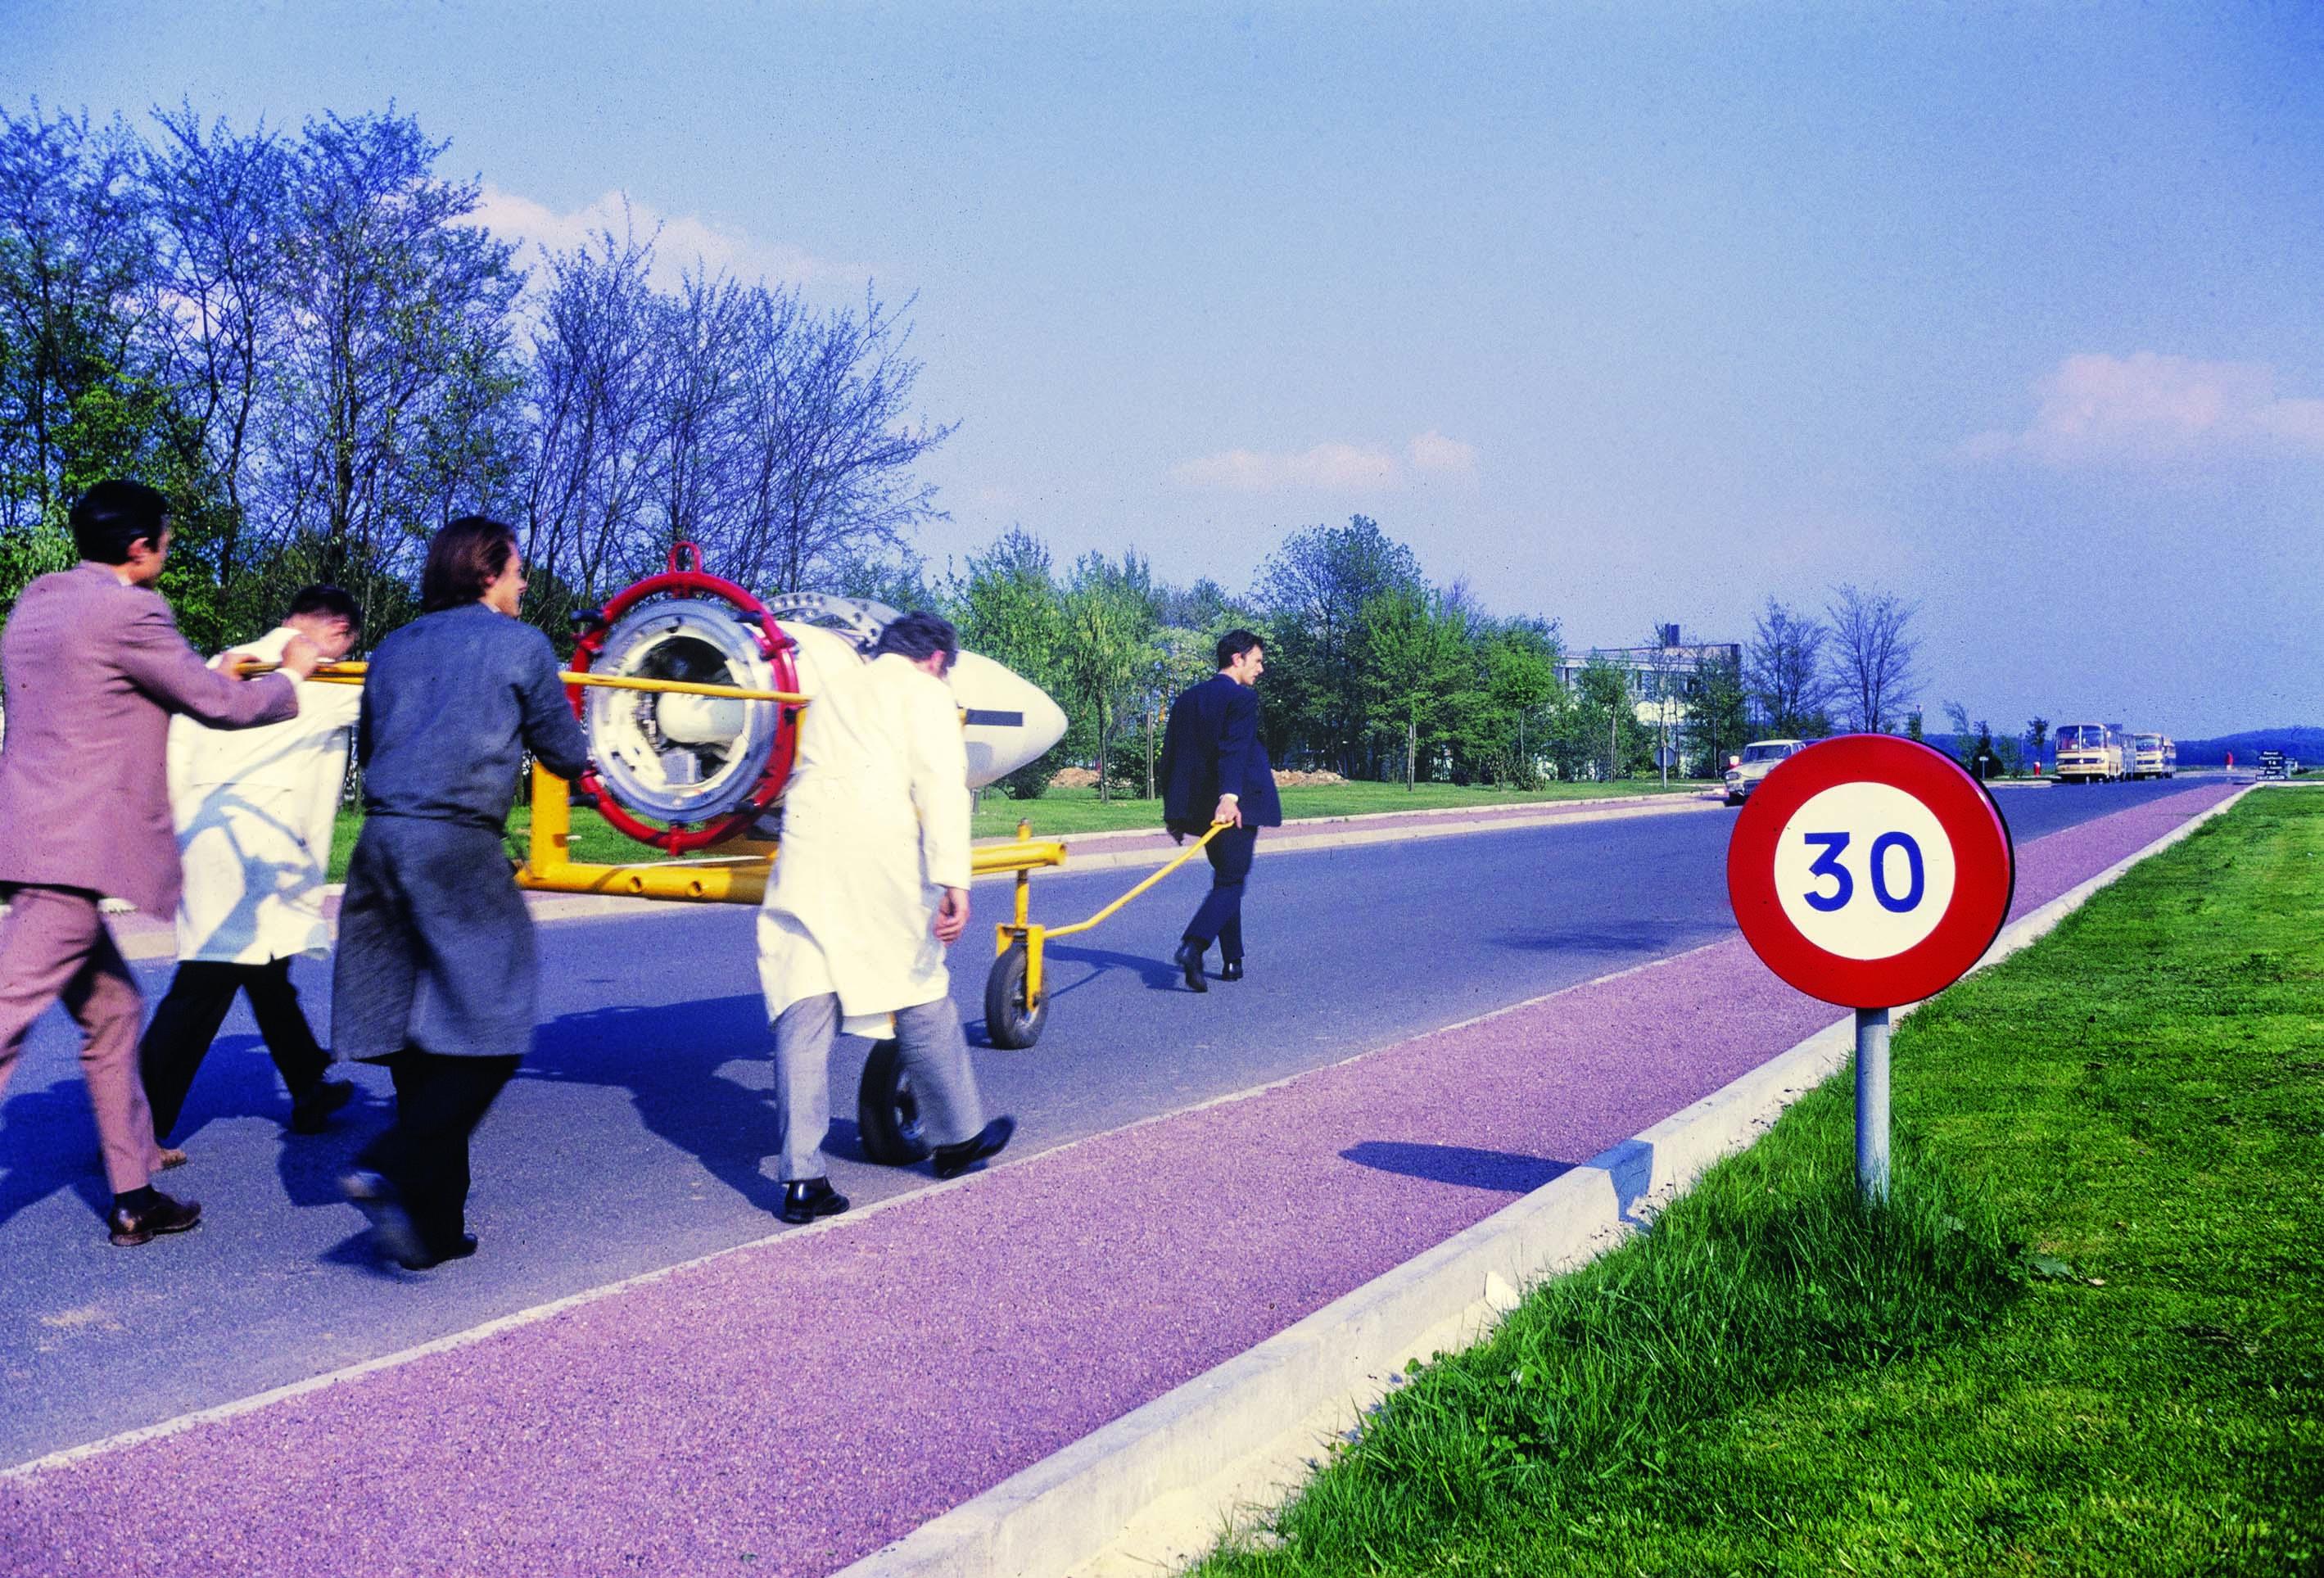 La pointe de fusée Cassiopée/Minisis en route vers les moyens d'essais du CNES à Brétigny‑sur‑Orge en vitesse limitée... grèves de mai 68 oblige.